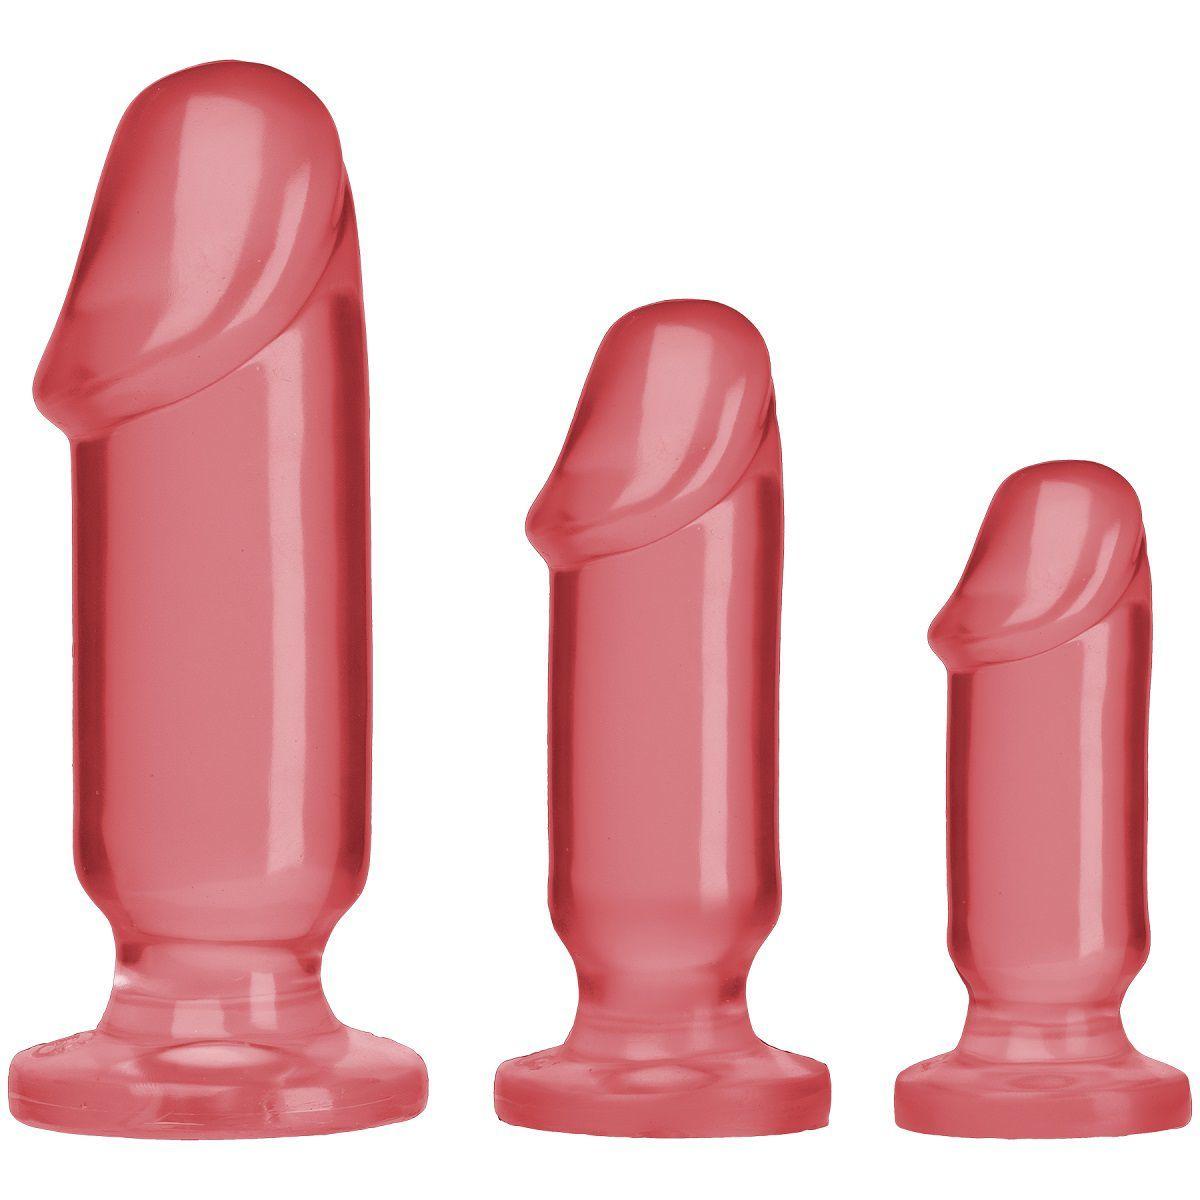 Анальные фаллоимитаторы: Набор розовых анальных фаллоимитаторов Crystal Jellies Anal Starter Kit